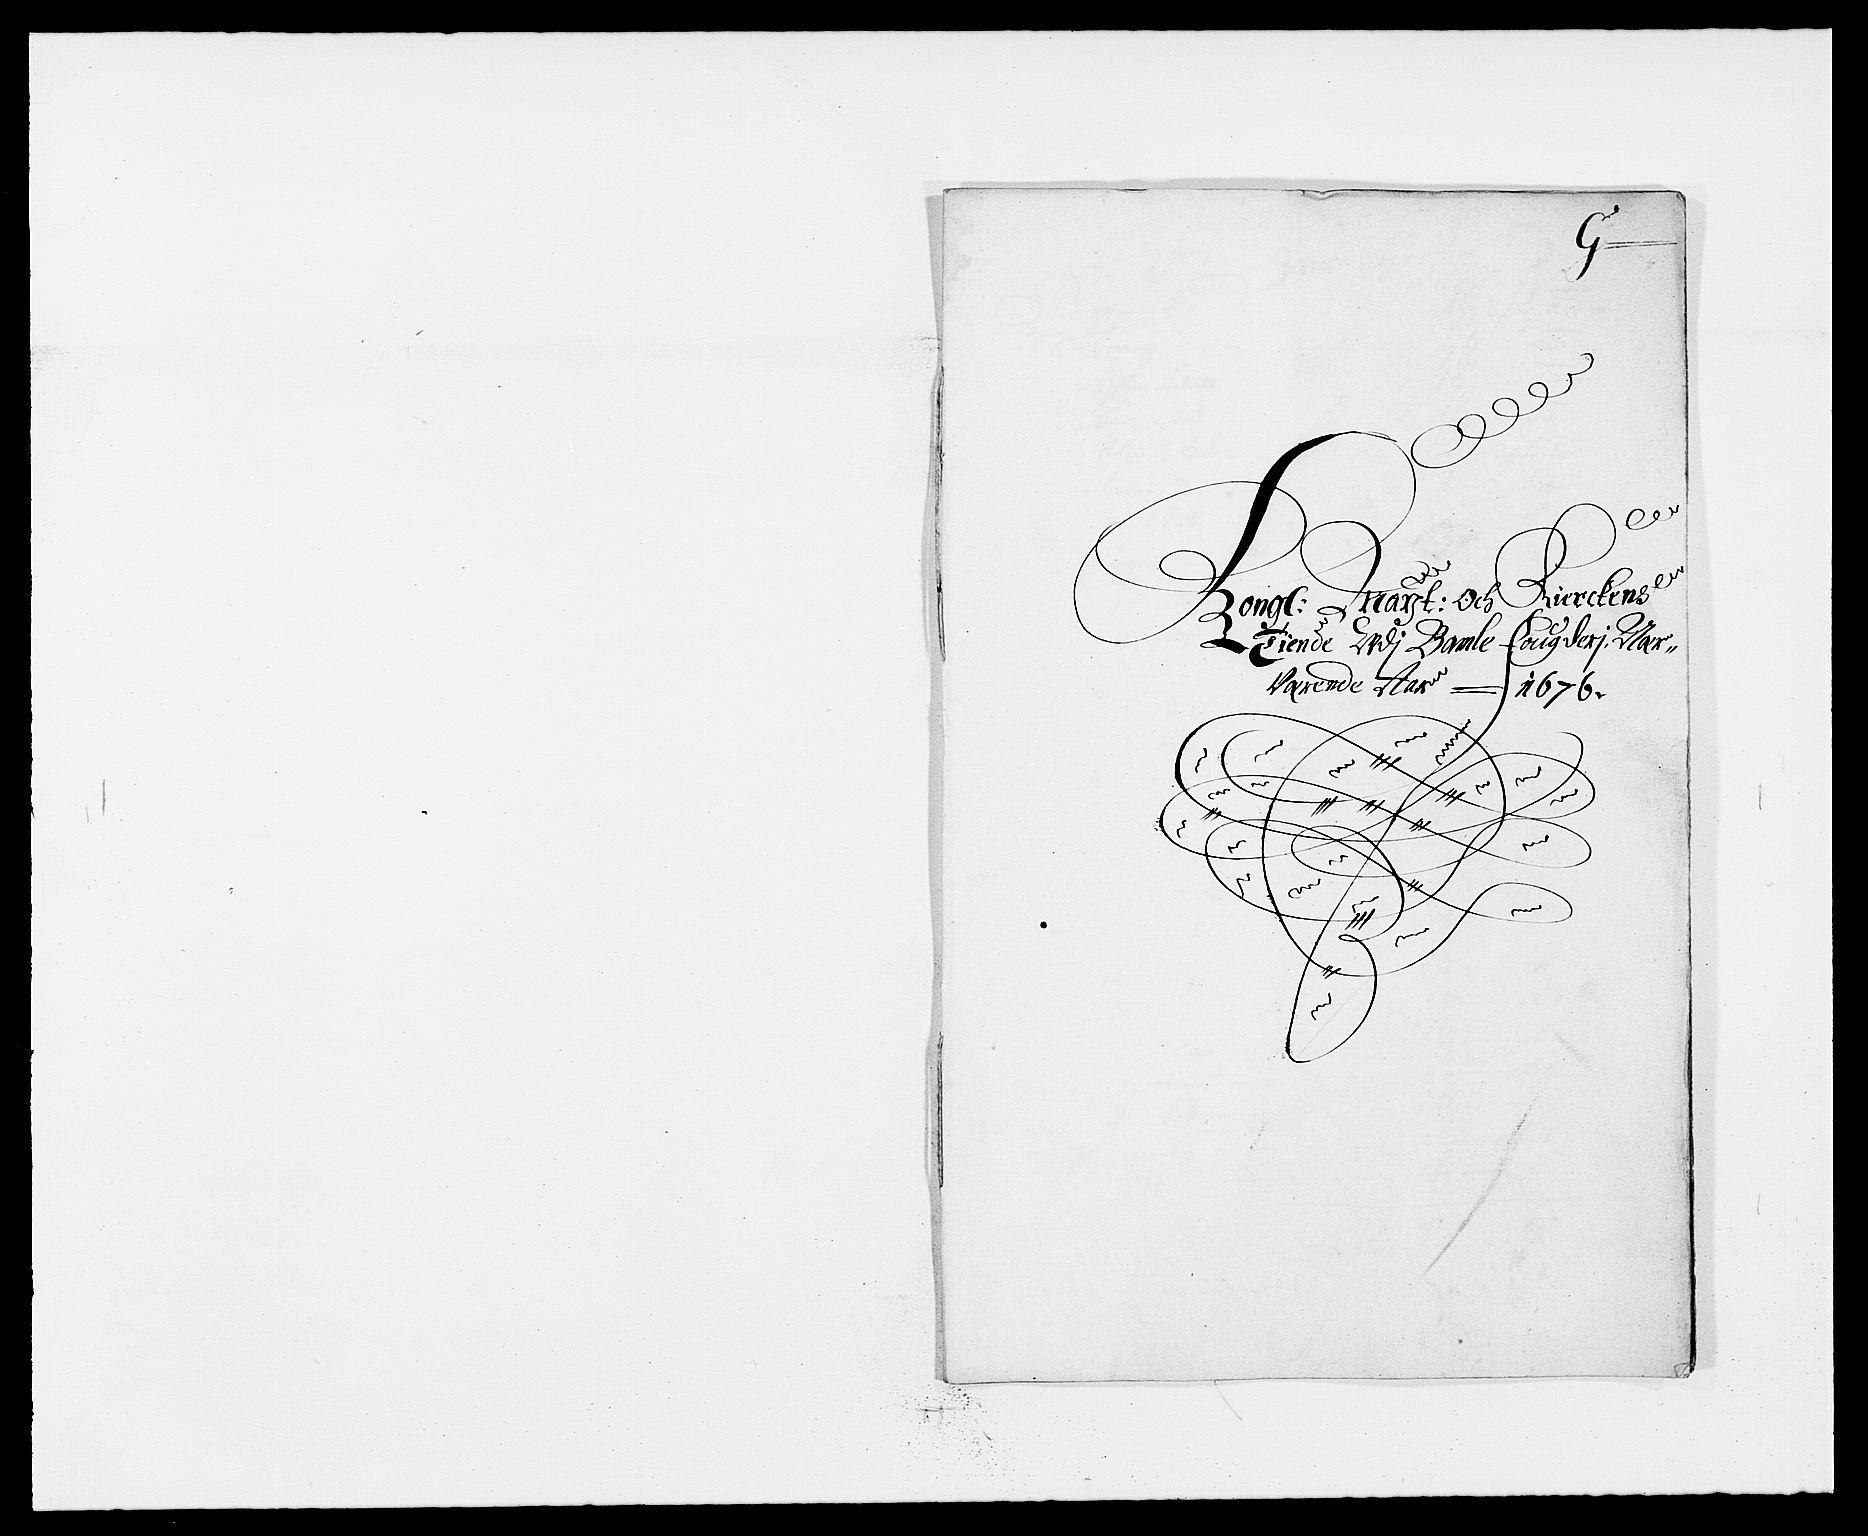 RA, Rentekammeret inntil 1814, Reviderte regnskaper, Fogderegnskap, R34/L2043: Fogderegnskap Bamble, 1676-1677, s. 141